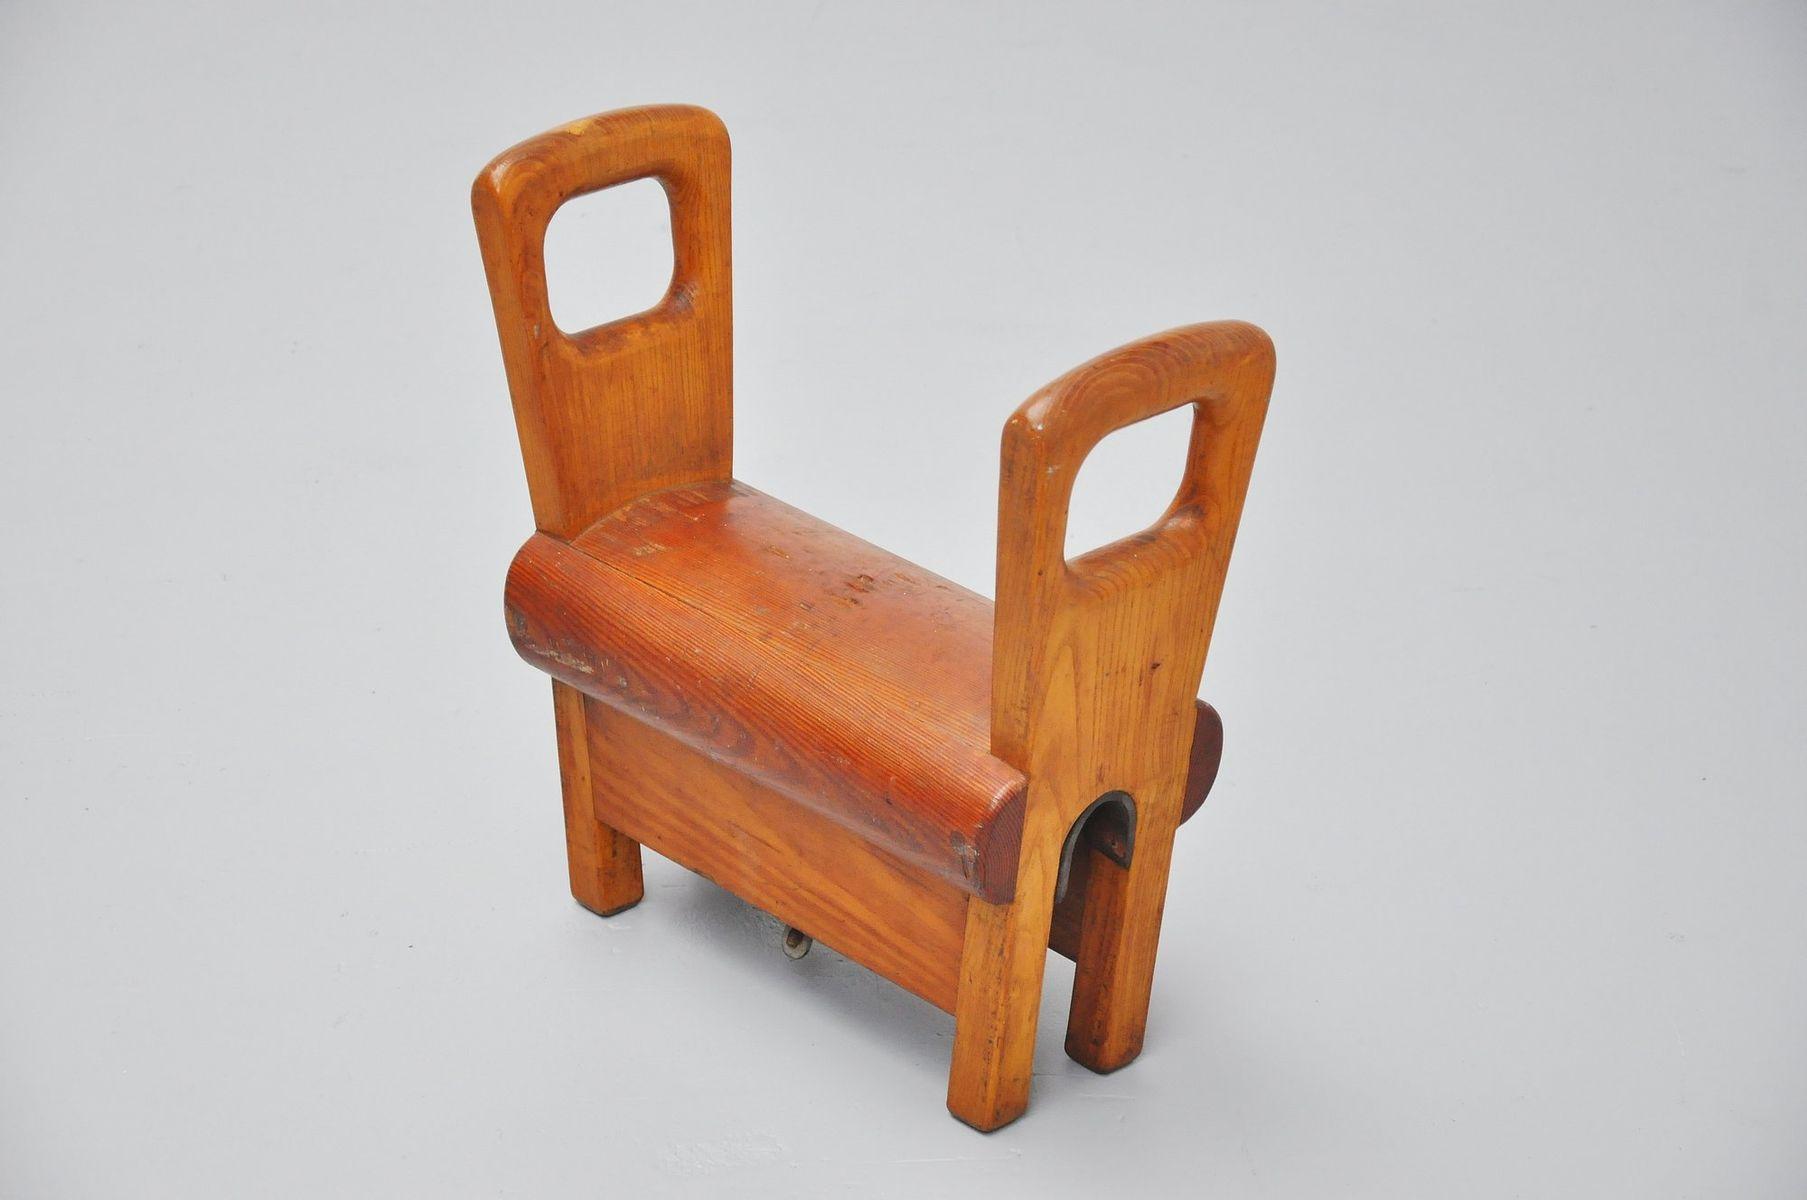 Vintage Holz Sprungbock aus Holland, 1950er